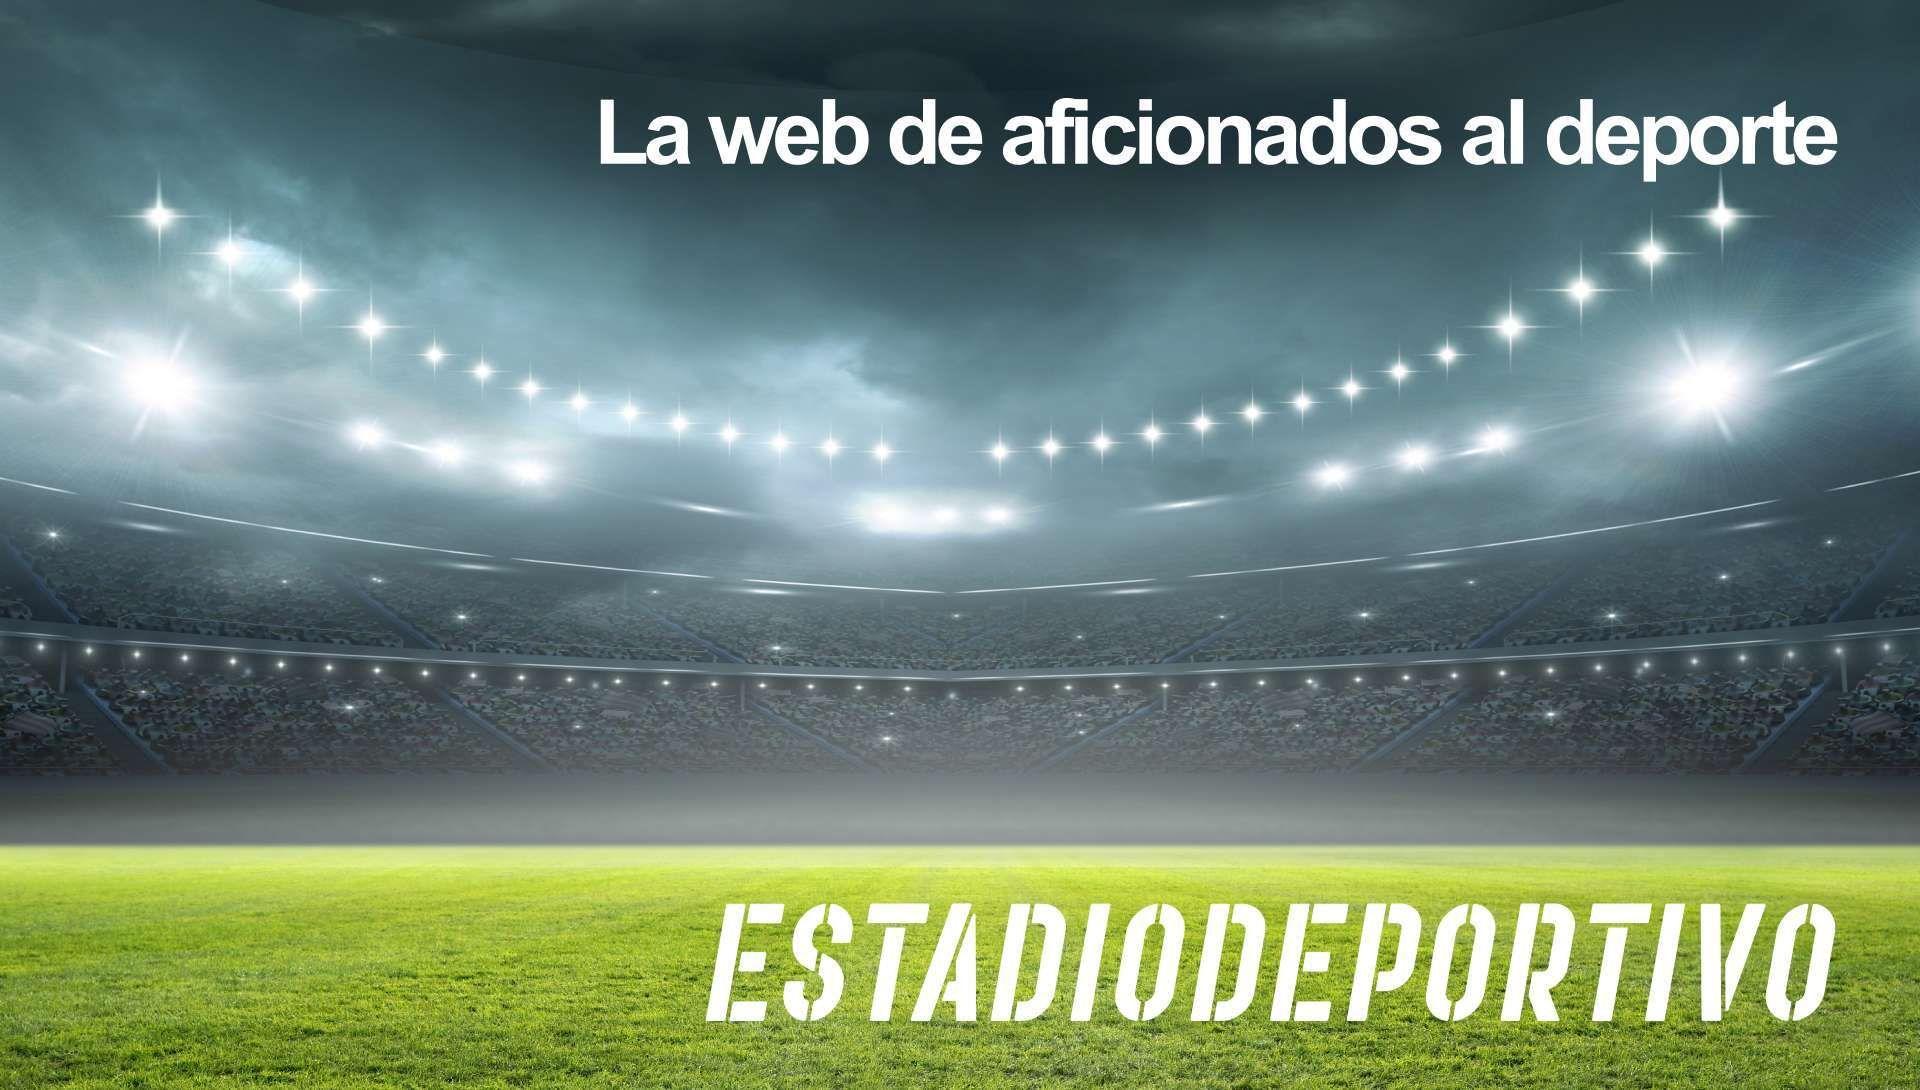 Las portadas del jueves, 8 de octubre